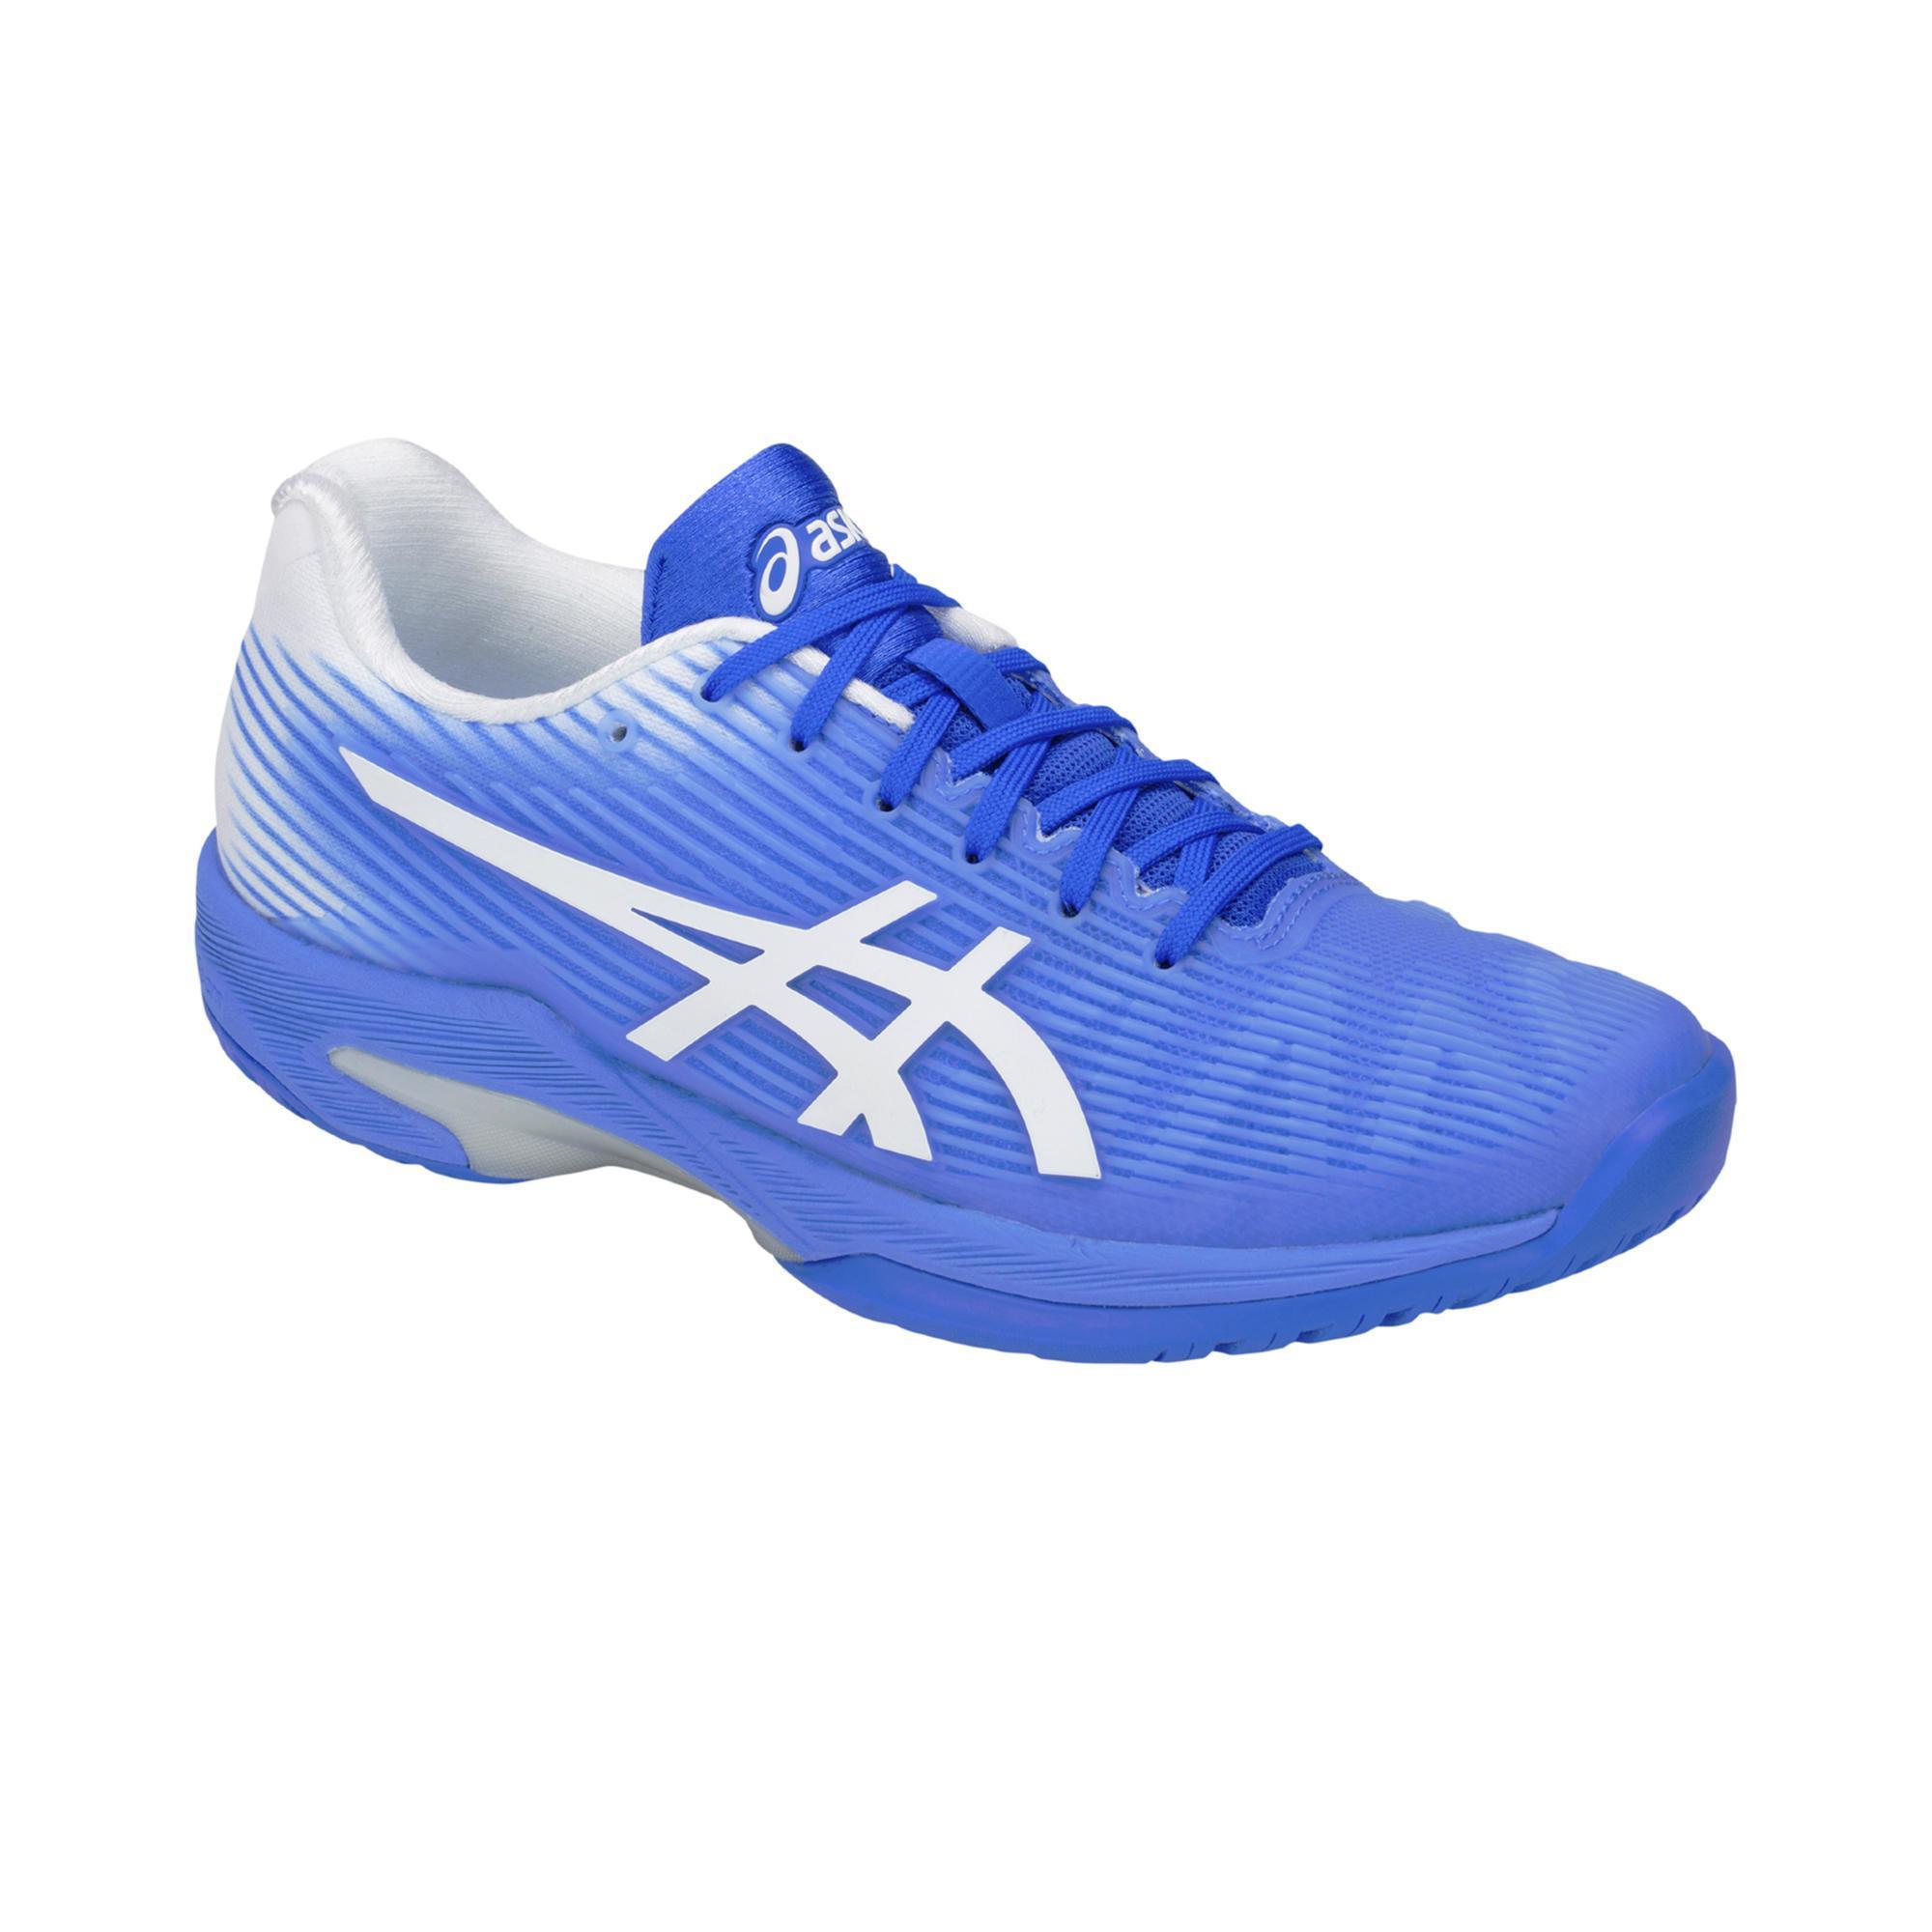 Asics Tennisschoenen voor dames Gel Solution Speed Flash blauw